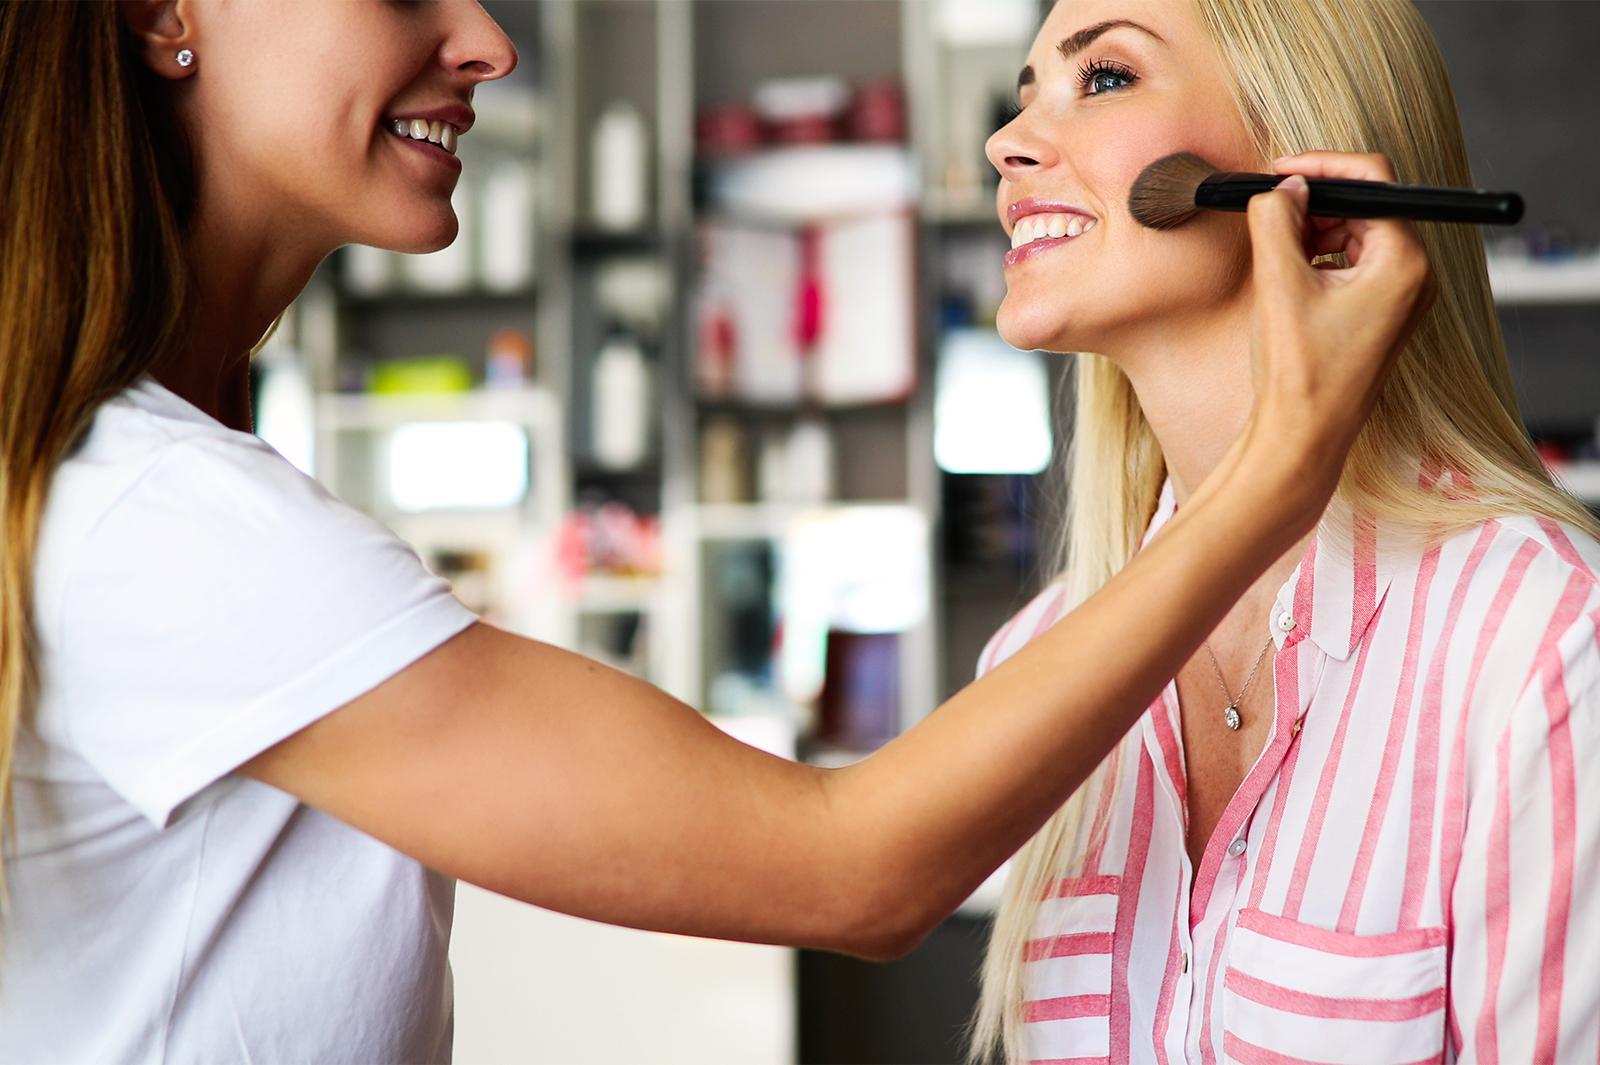 メイクに関する仕事に就きたい!美容のプロを目指す方法とは?